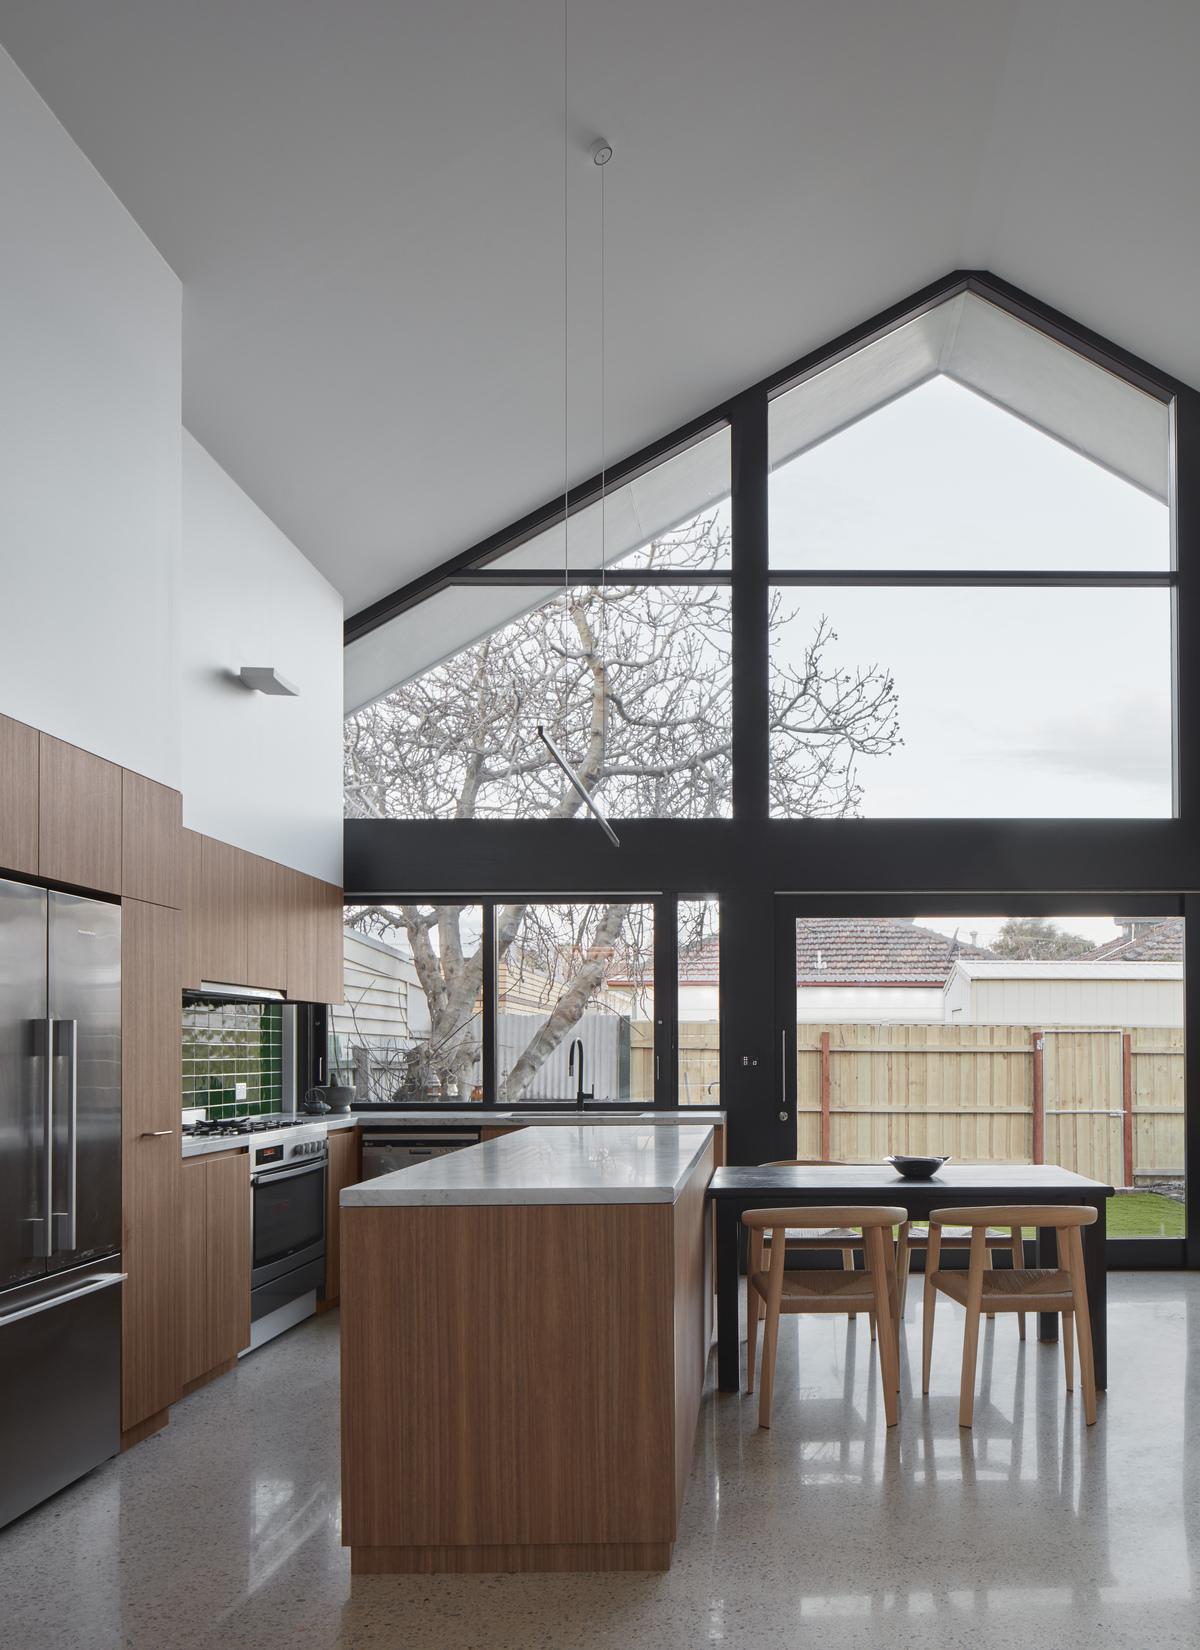 Australian Design, Kingsville Residence by Richard King Design, Melbourne, VIC, Australia (6)